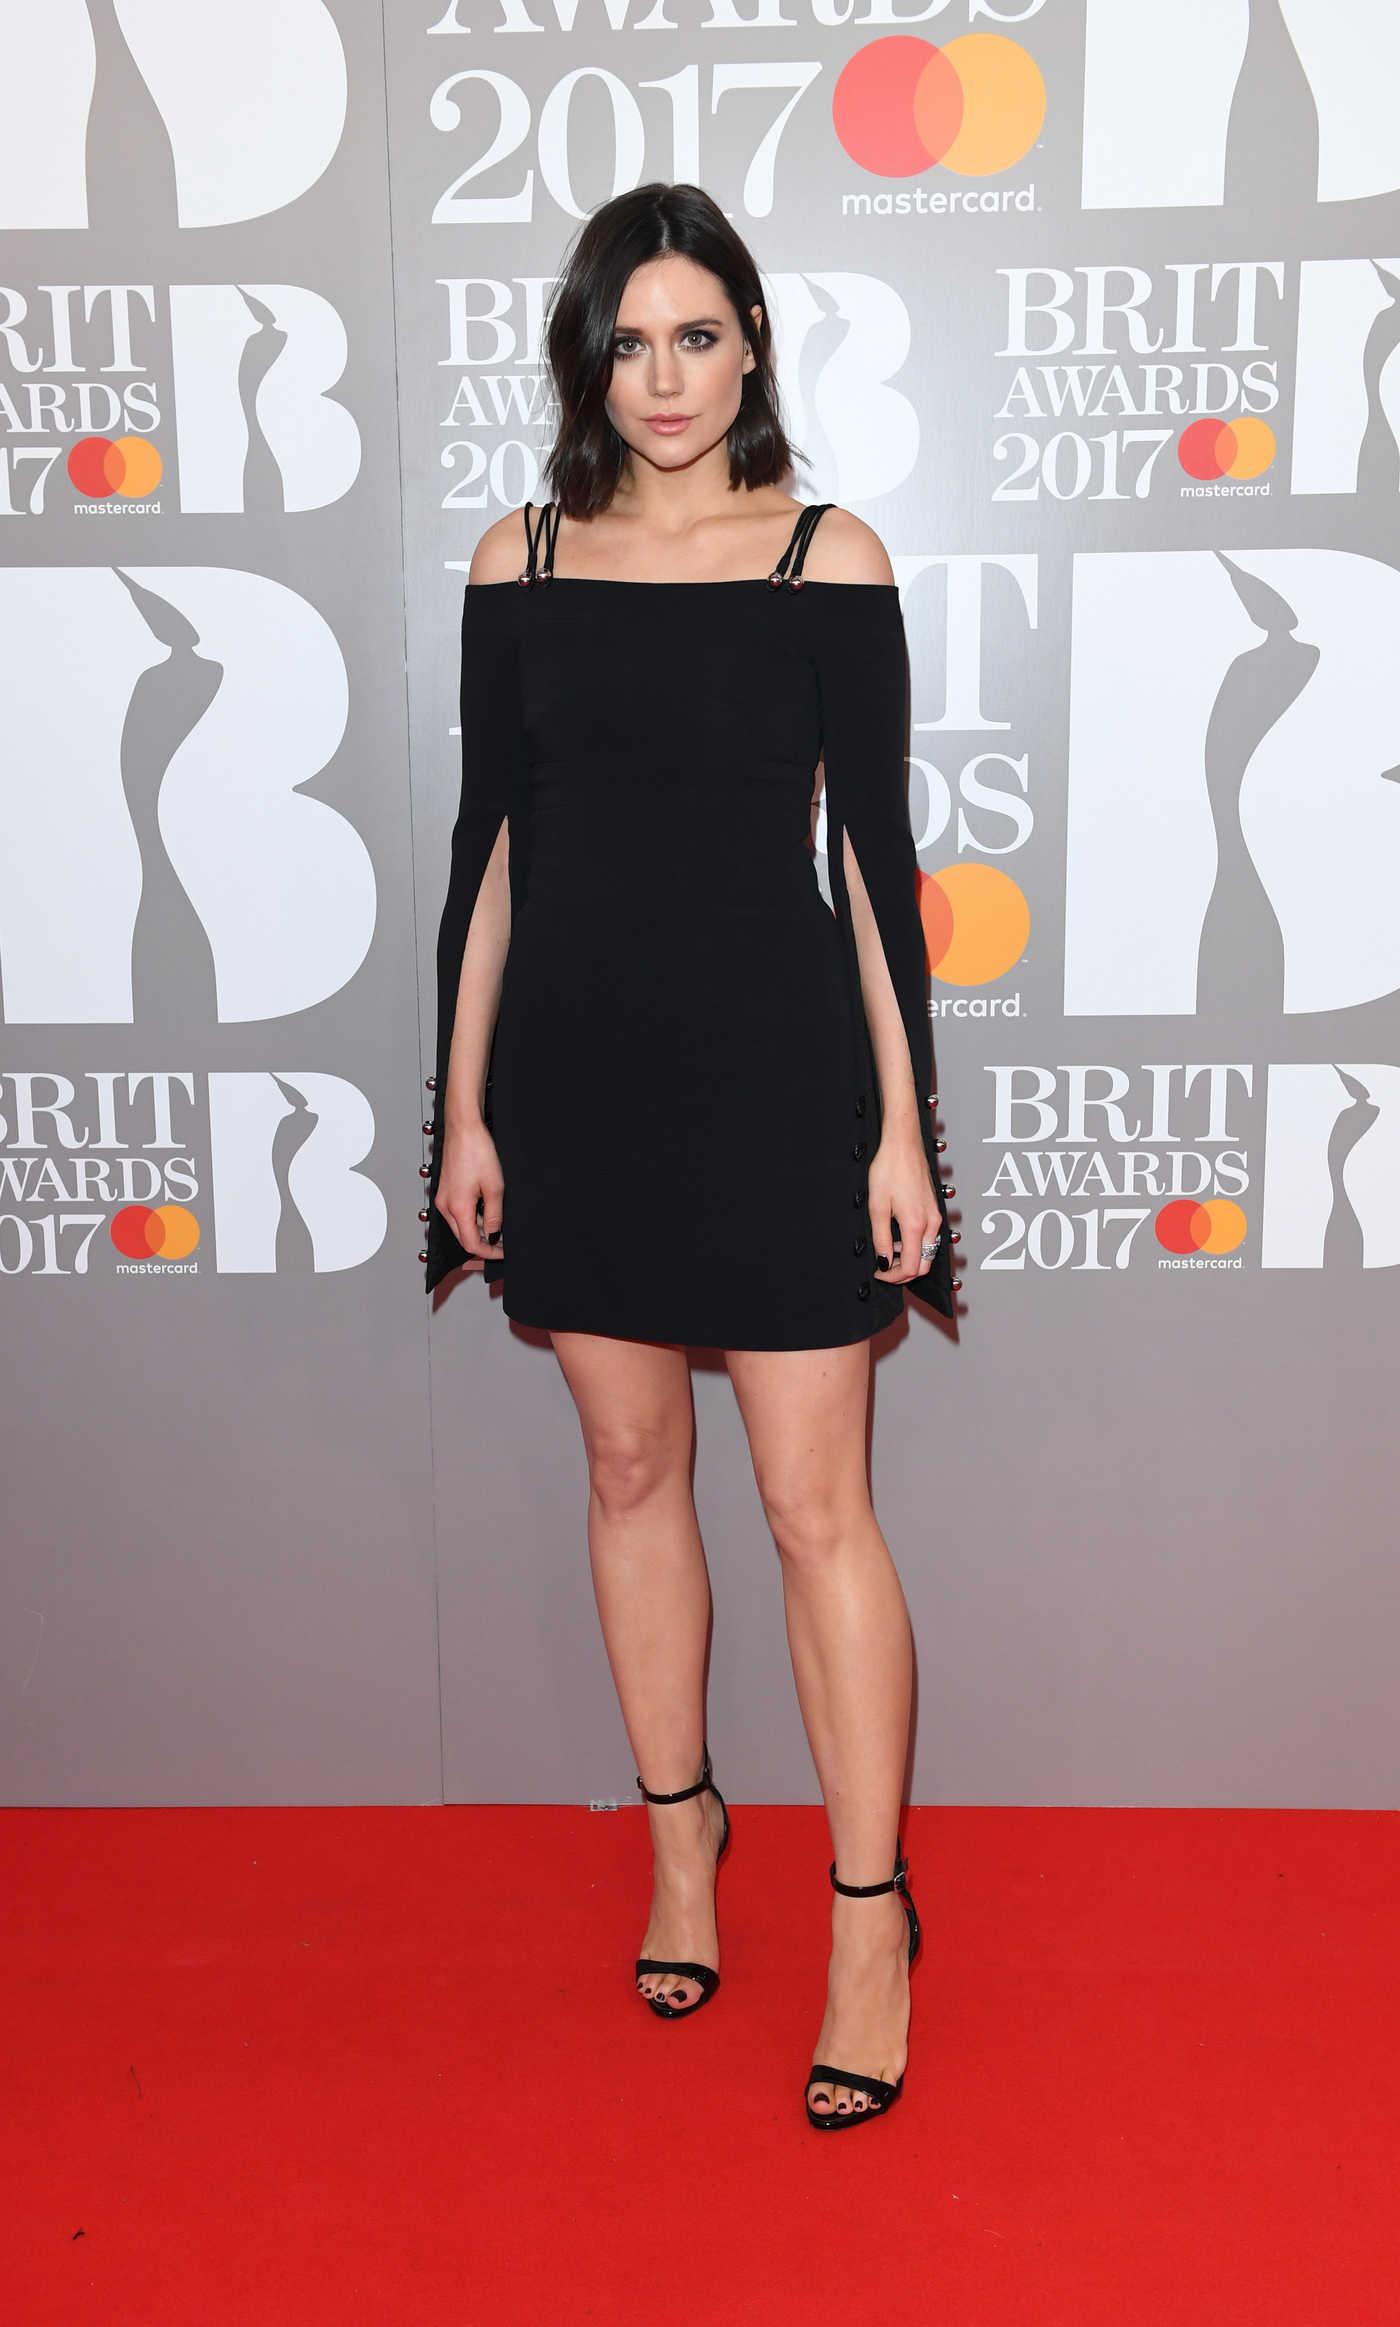 Lilah Parsons at the Brit Awards at O2 Arena in London 02/22/2017